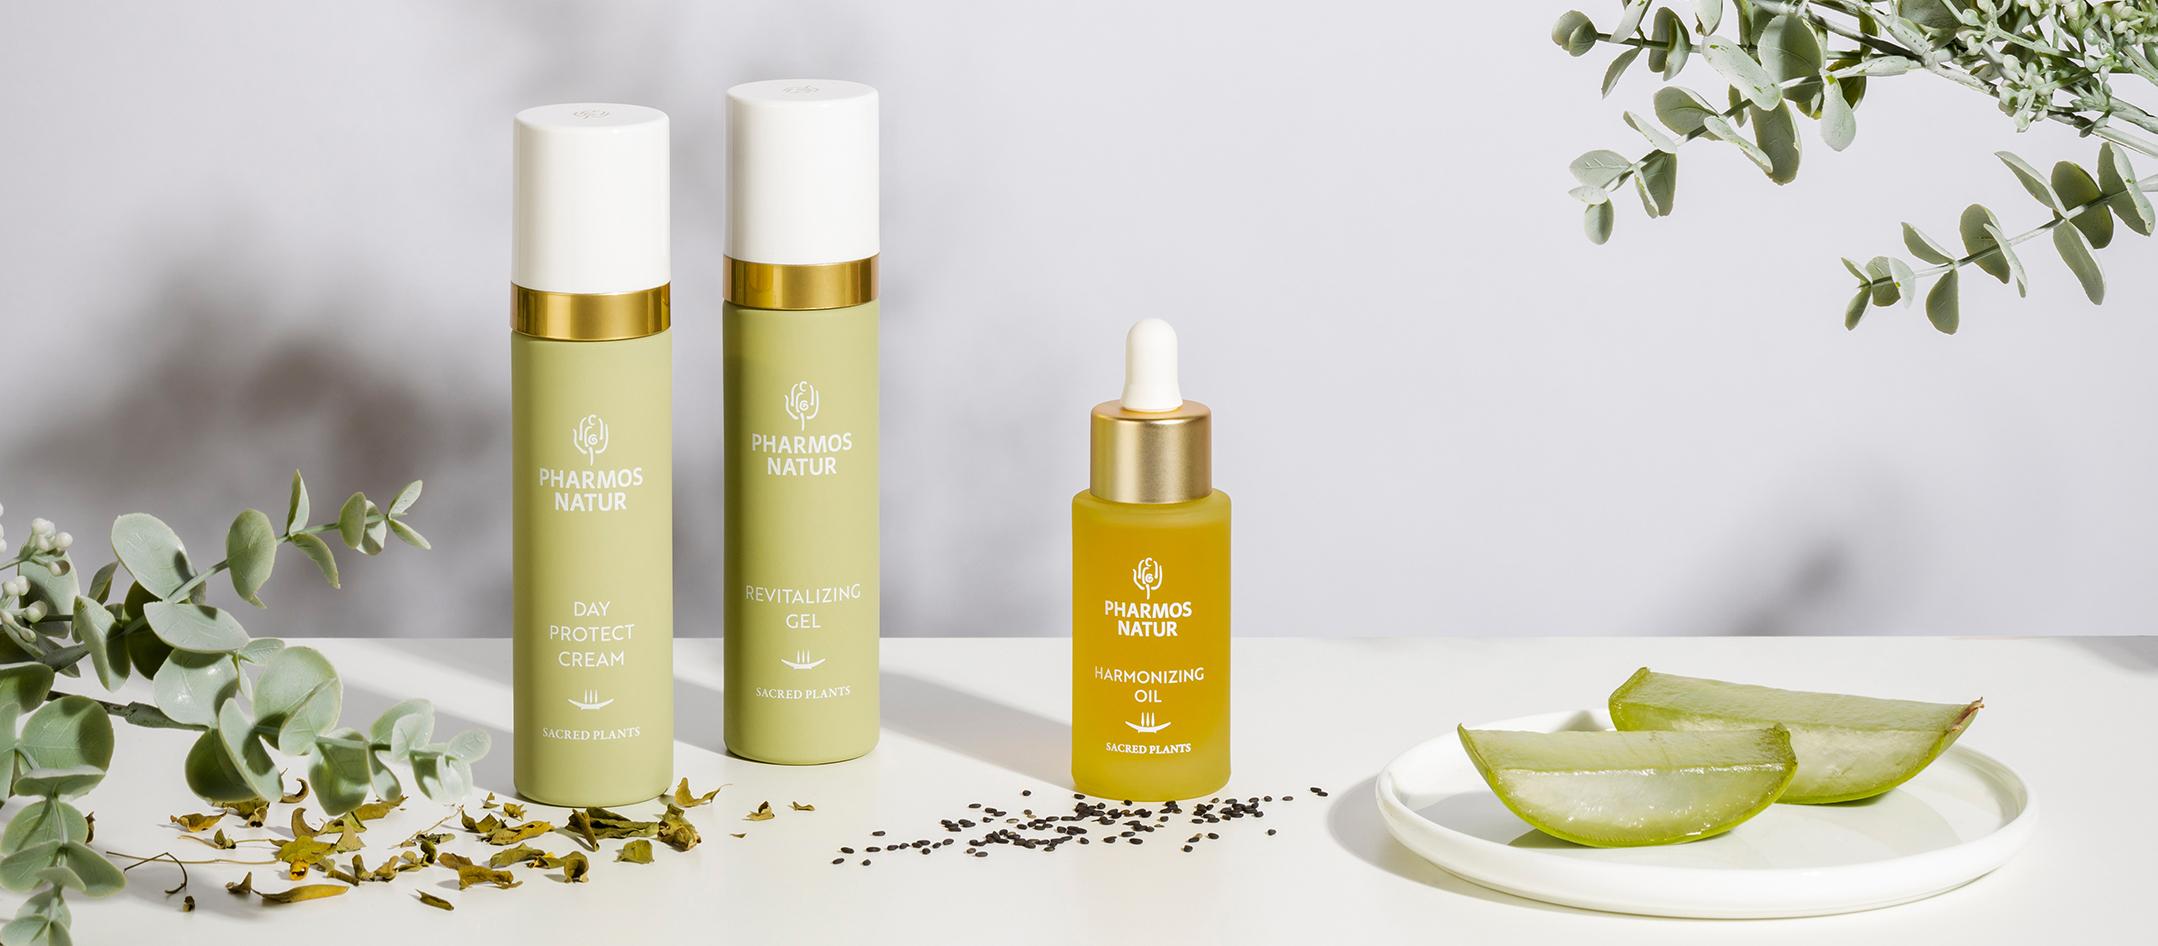 Produktabbild: Hellgrüne Day Protect Cream und Revitalizing Gel Flaschen neben gelbem Harmonizing Oil